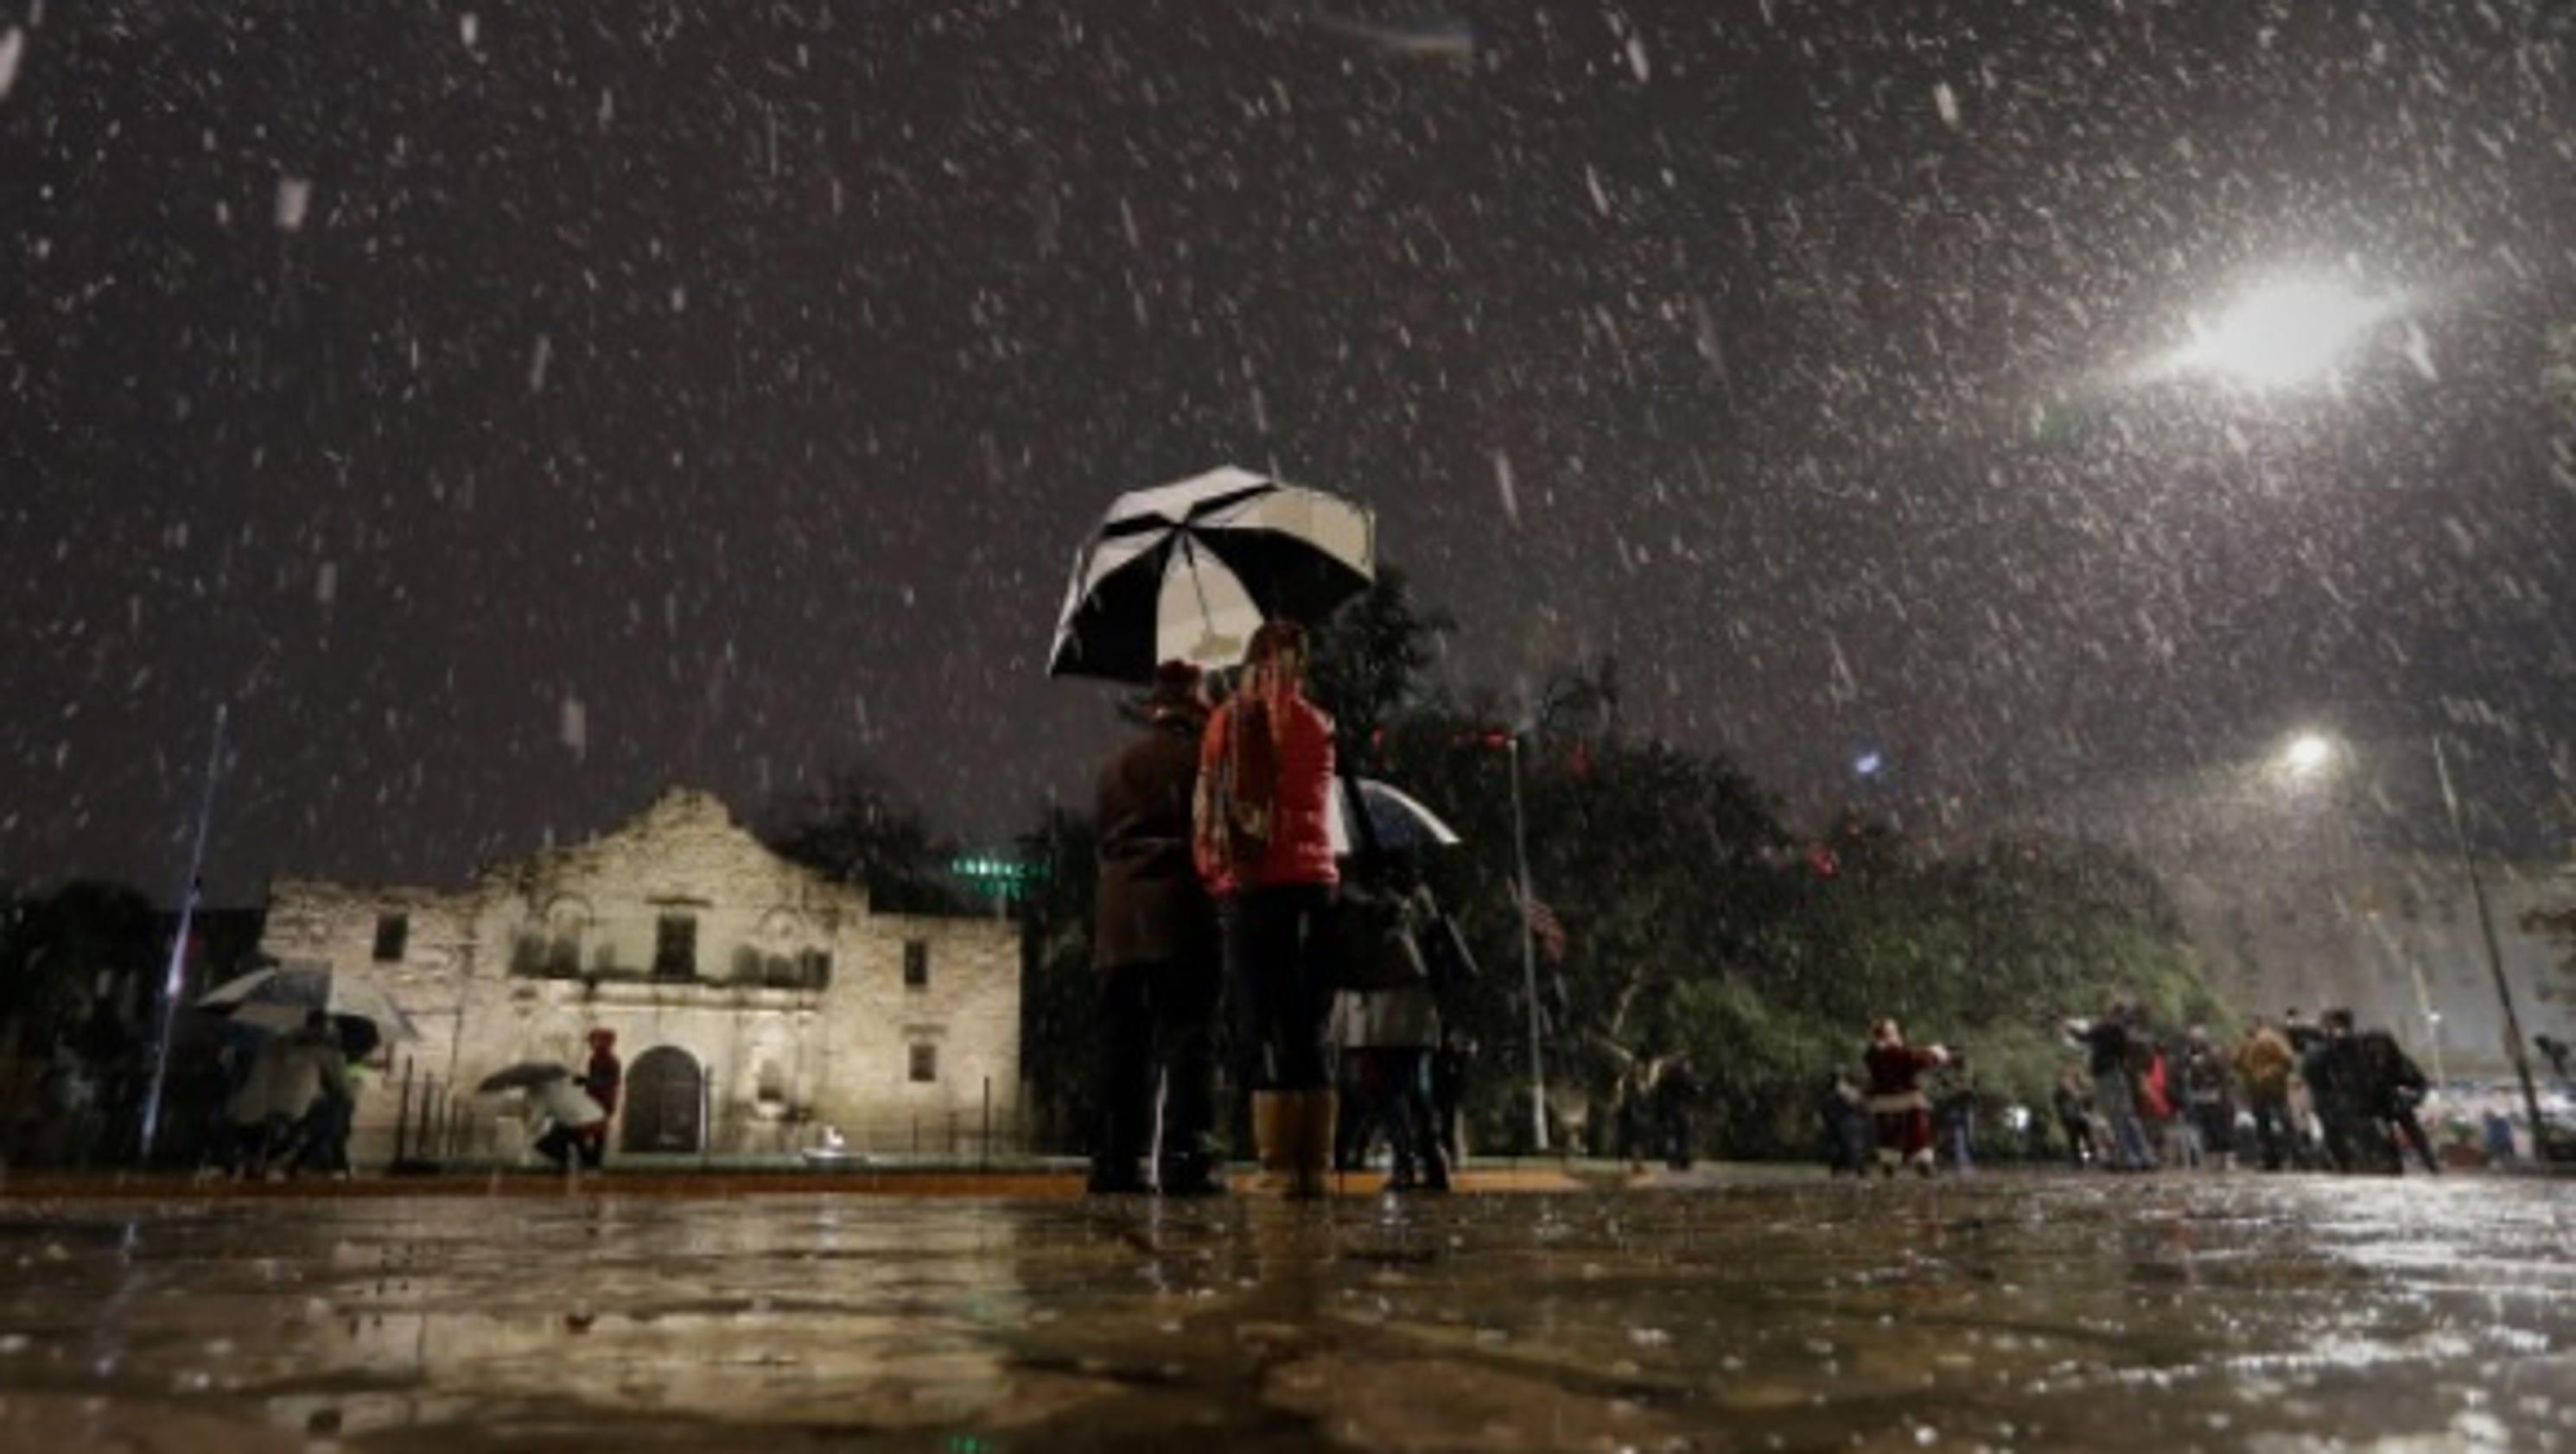 Jj watt revels in houston snowfall through series of tweets fandeluxe Choice Image